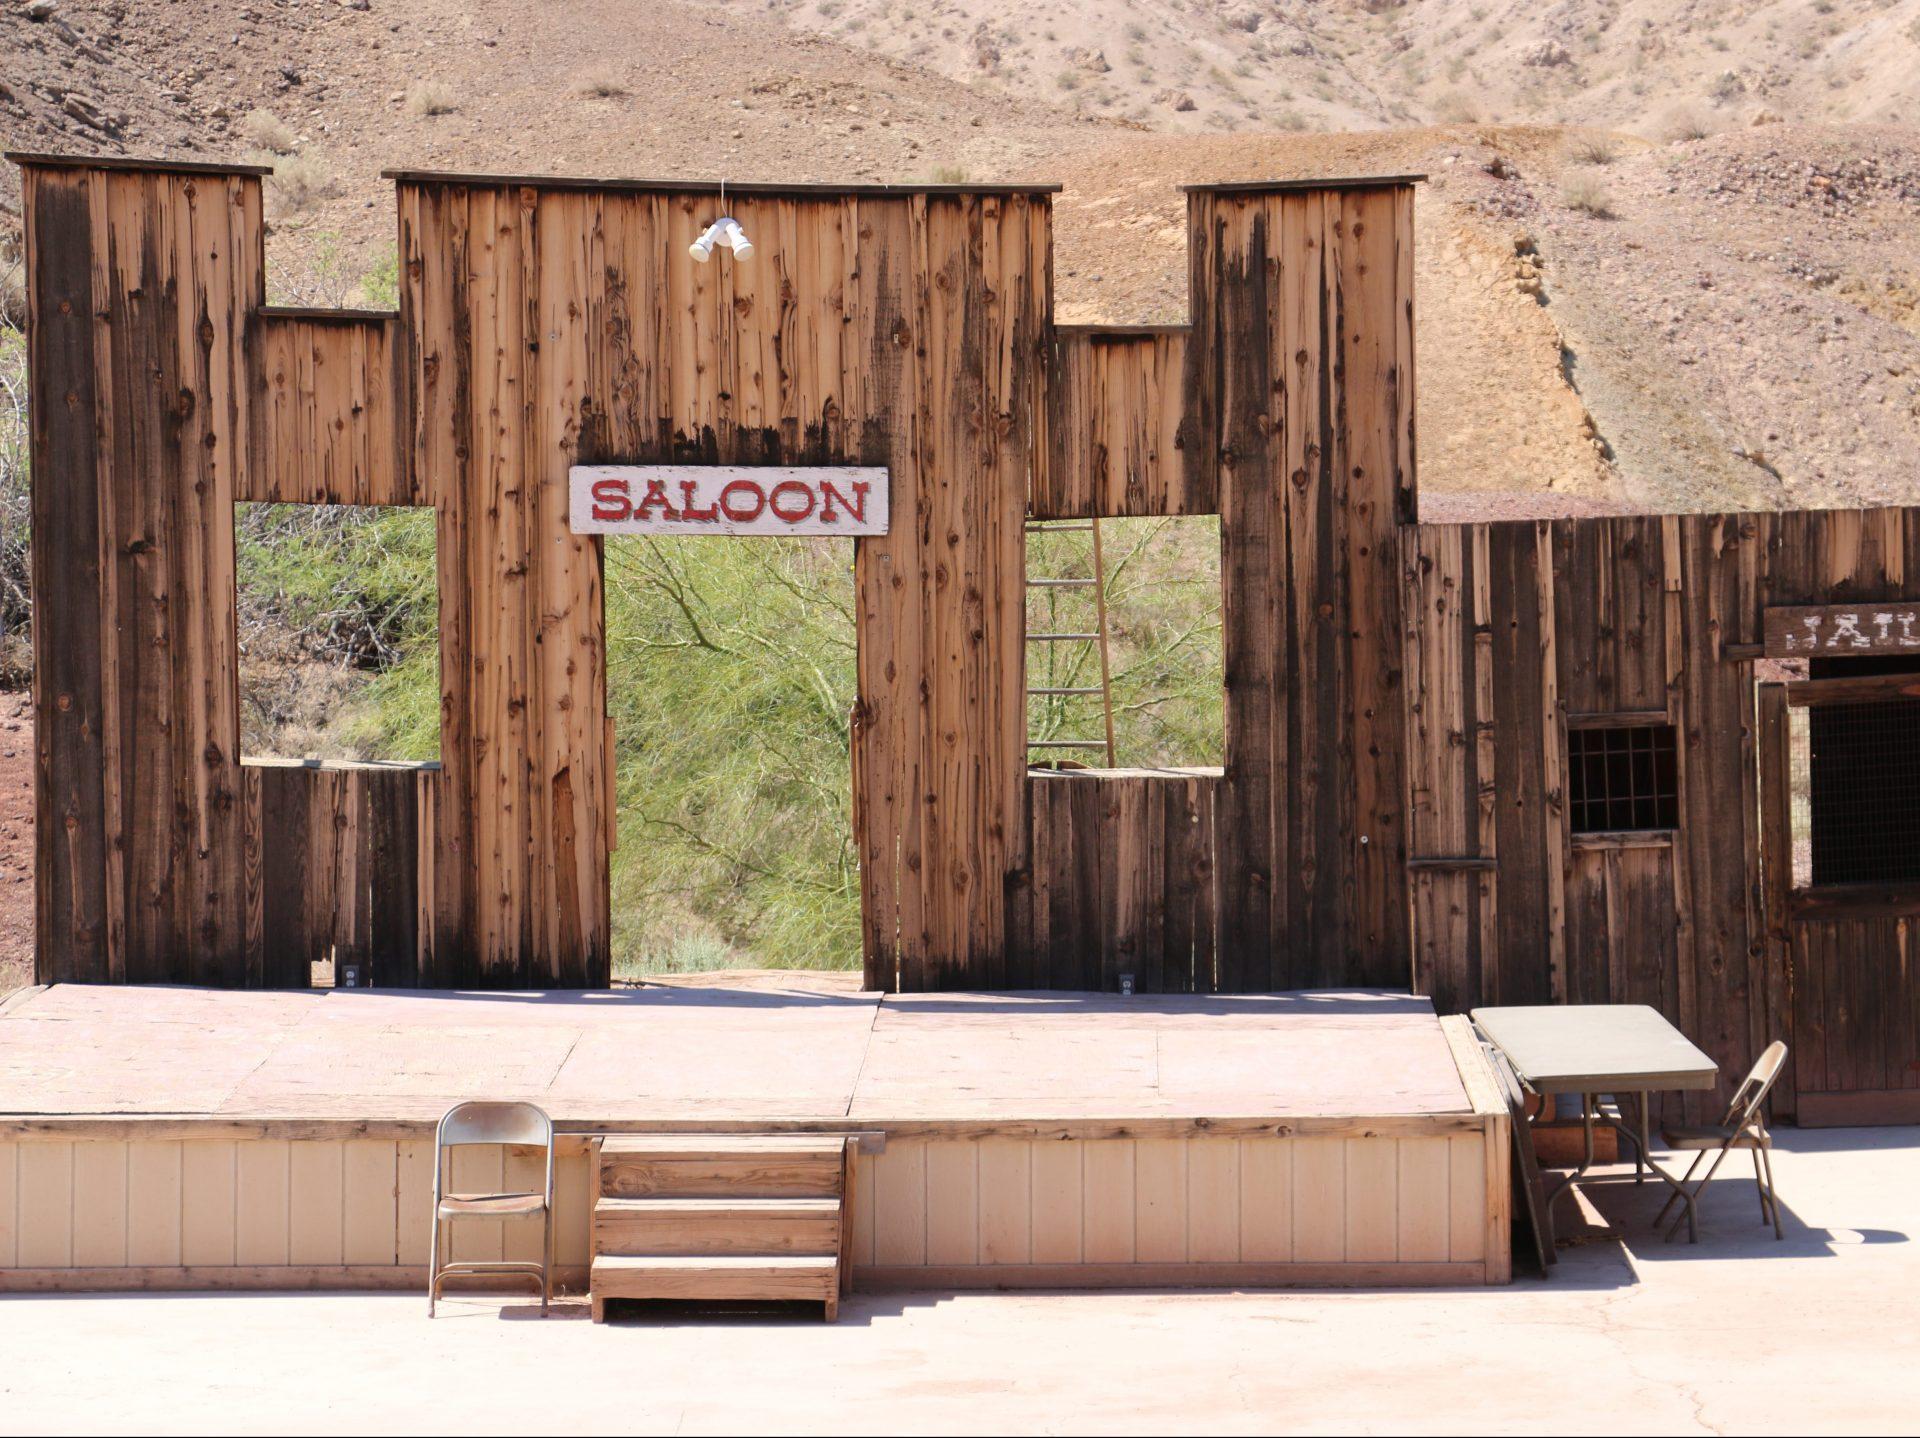 Saloon at Calico